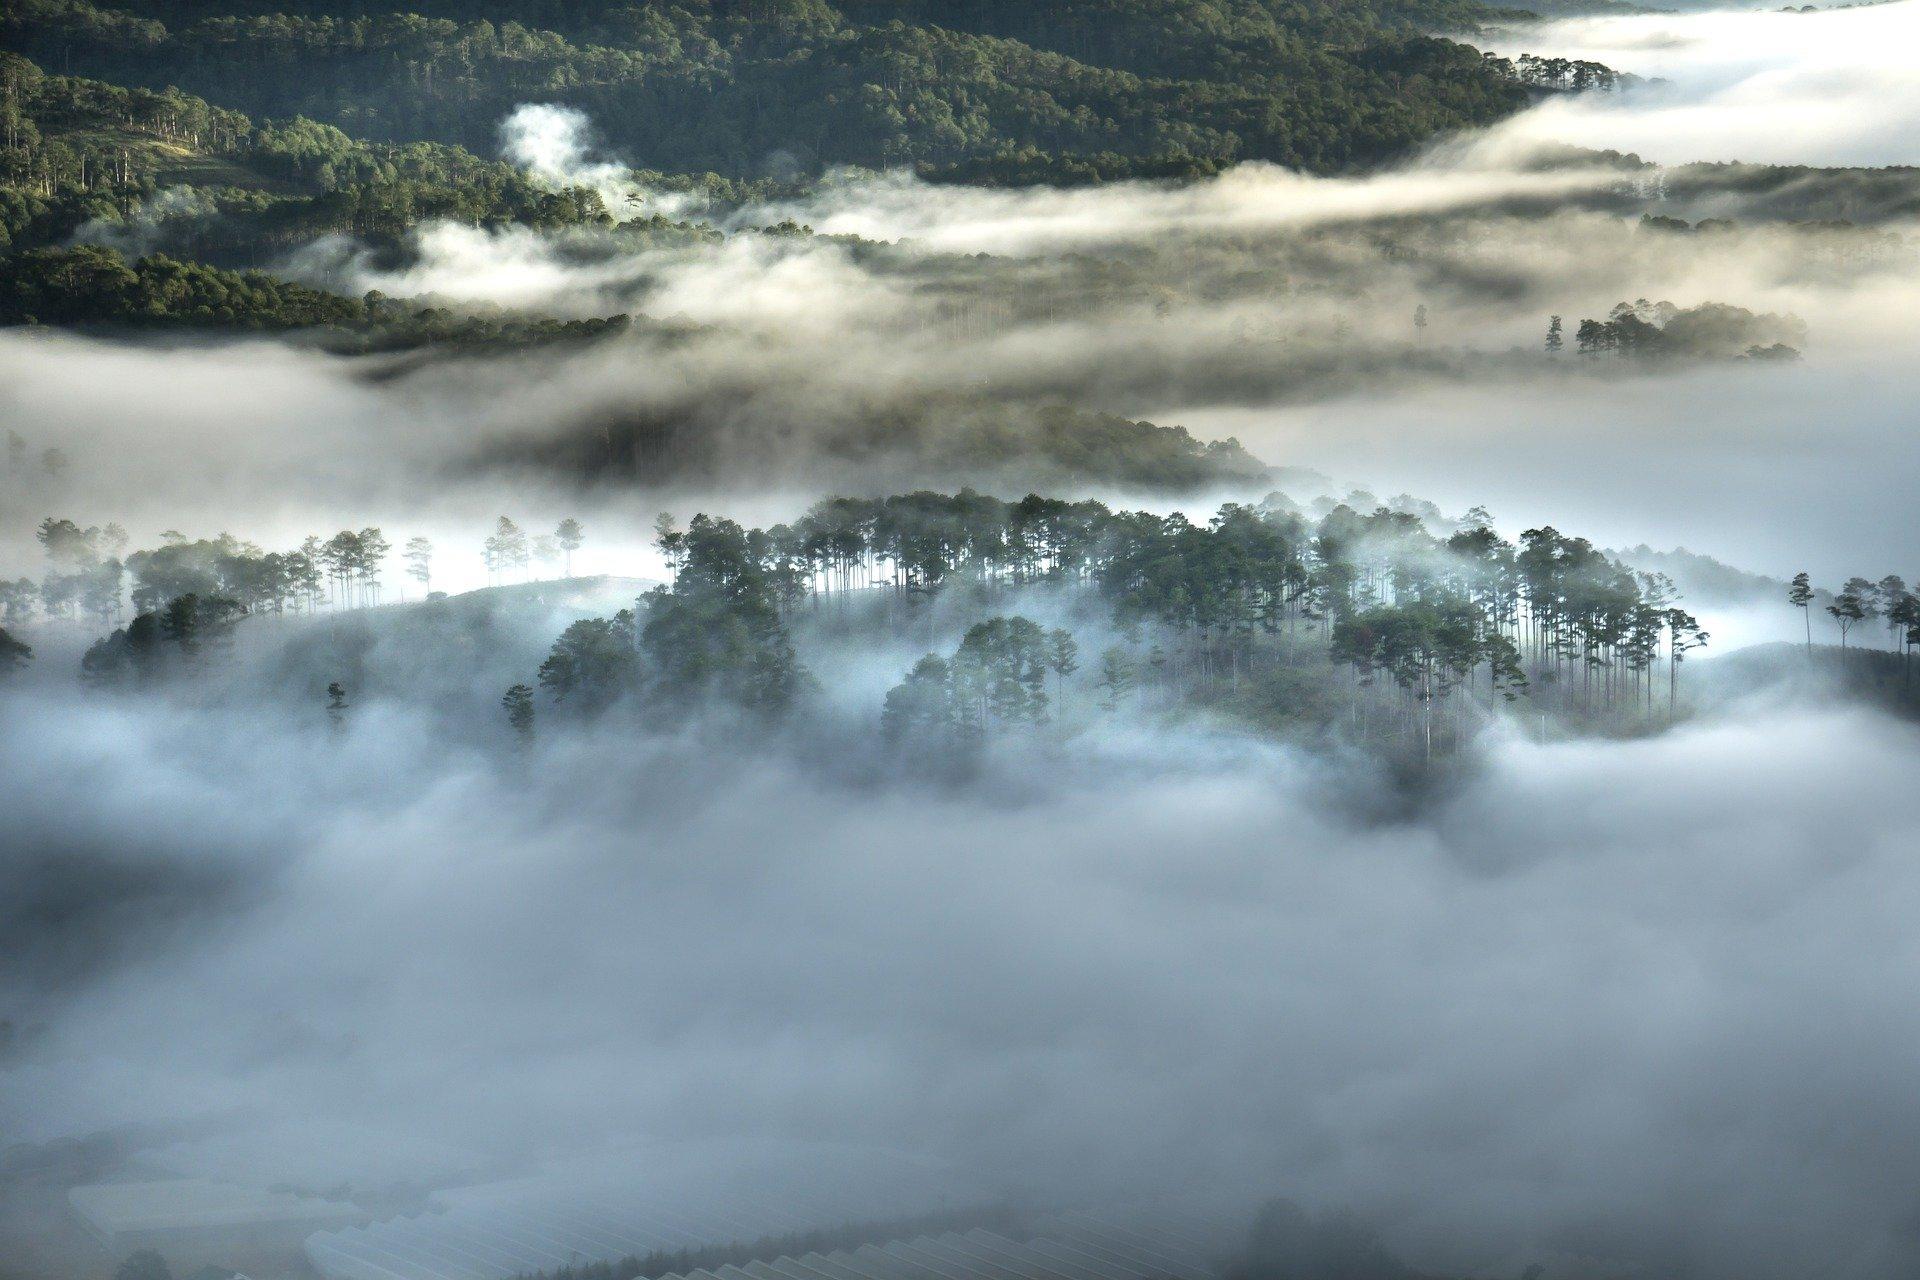 Polski rezerwat przyrody ze stacją badawczą w Kolumbii – zbyt piękne, aby mogło być prawdziwe?